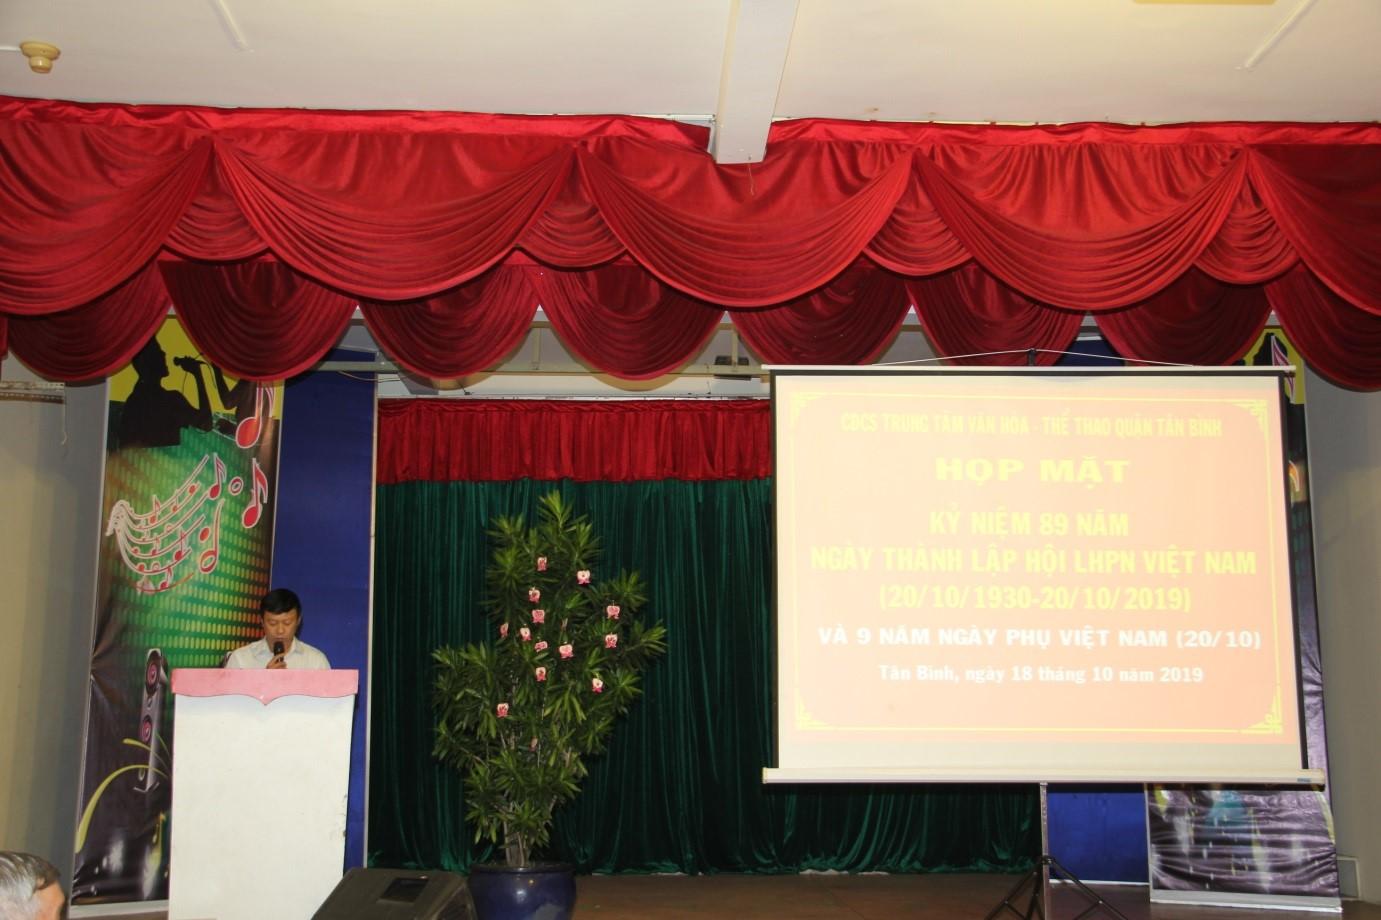 Tổ chức Họp mặt kỷ niệm 89 năm ngày thành lập Hội Liên hiệp phụ nữ Việt Nam